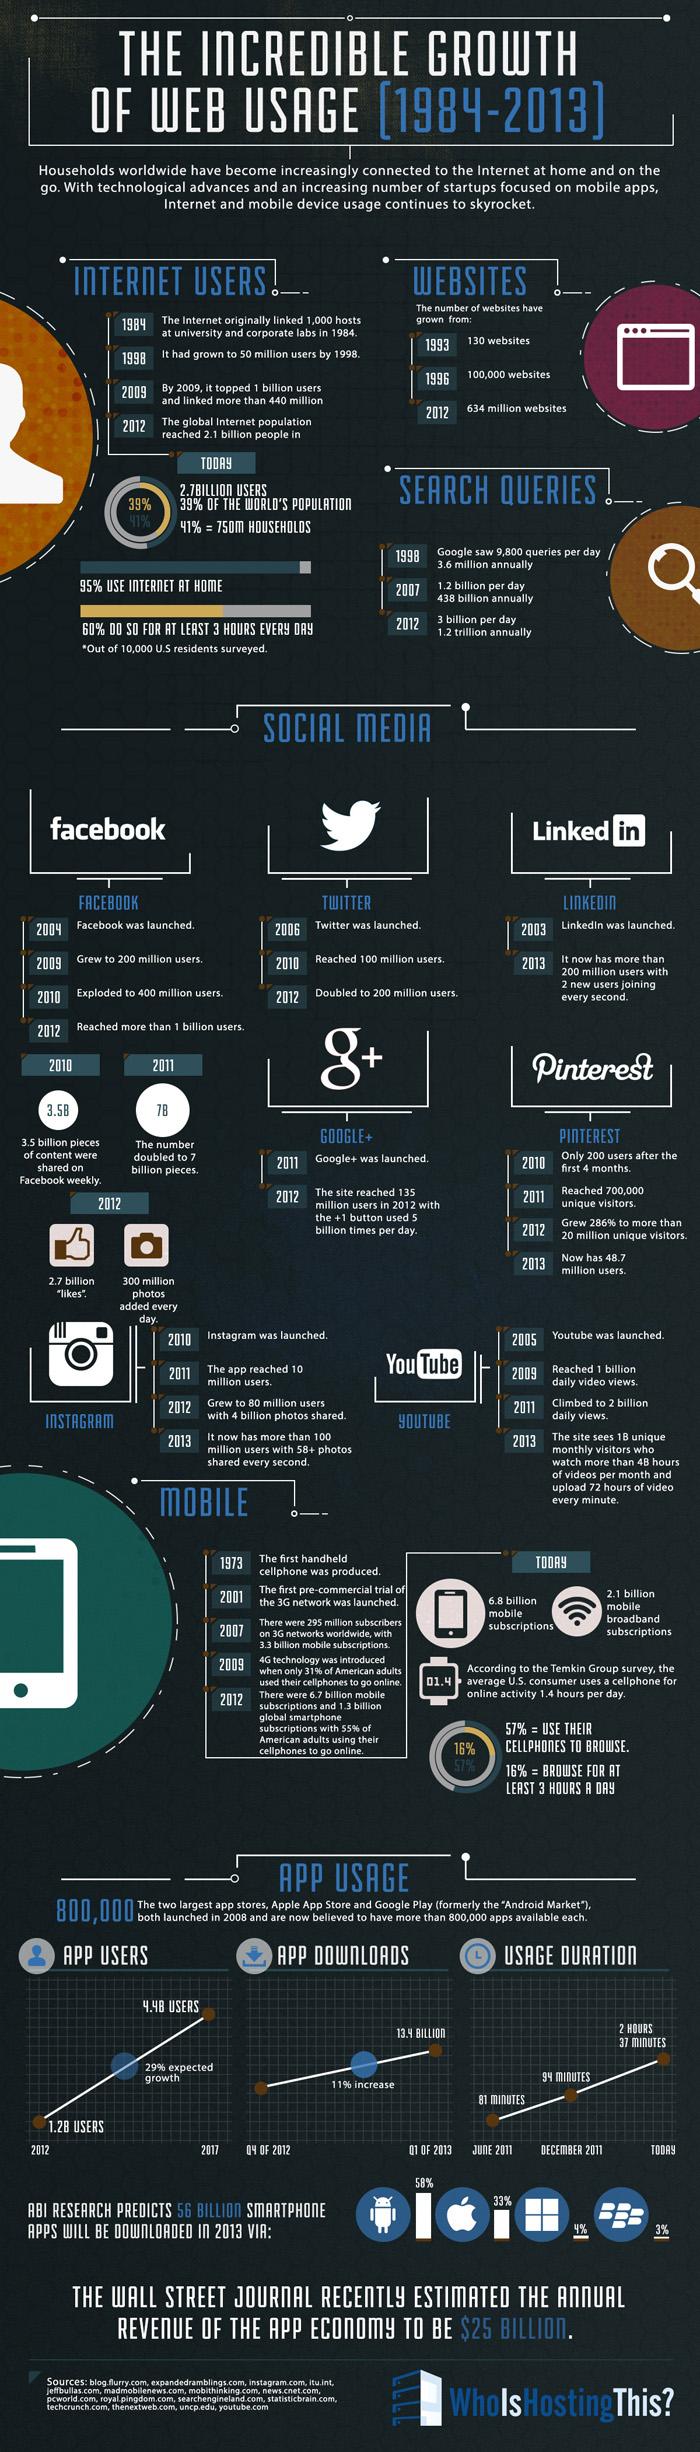 Использование сети Интернет за последние 30 лет